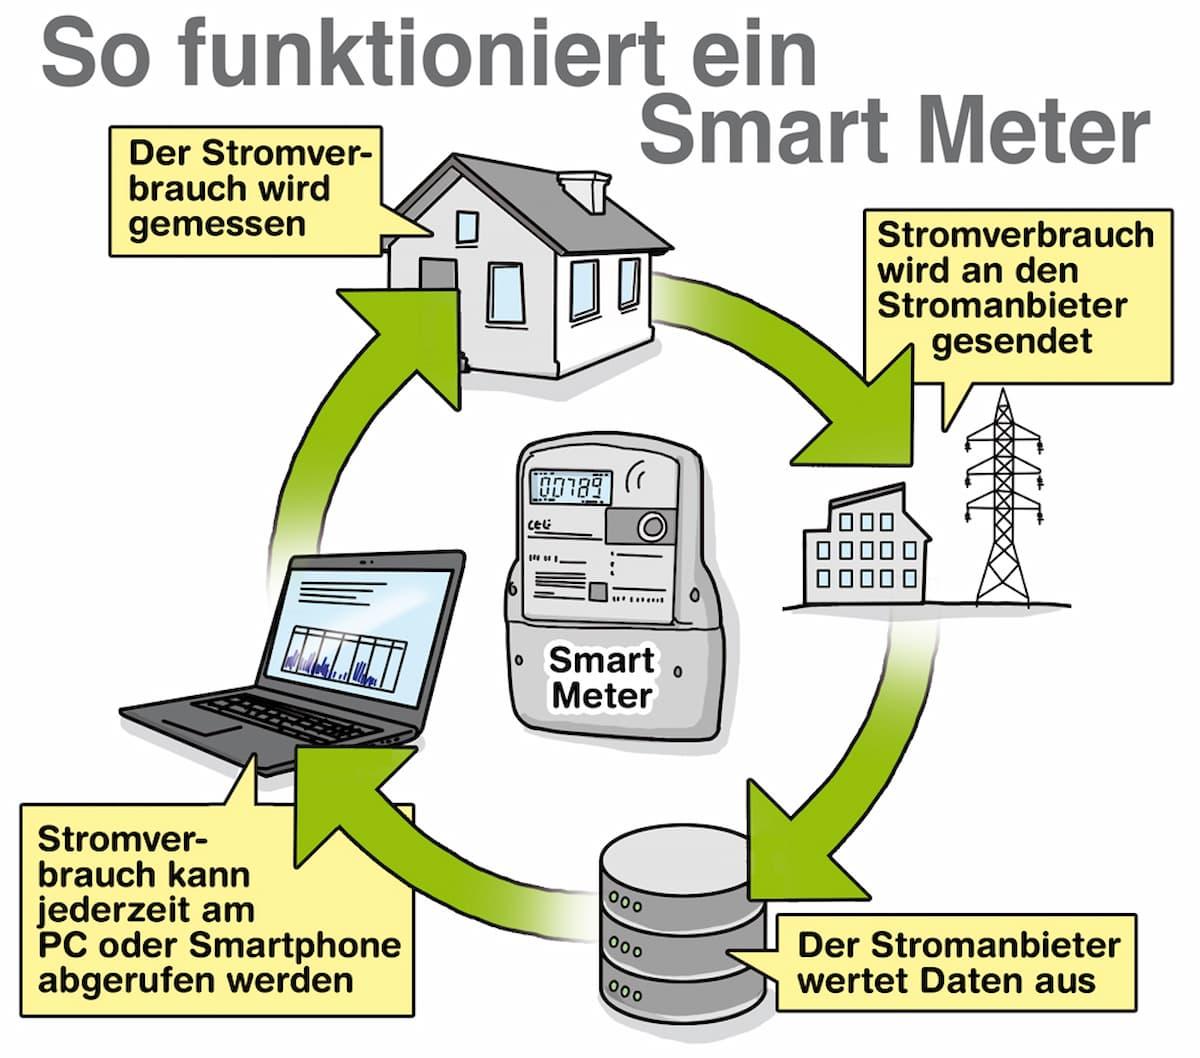 So funktioniert ein Smart Meter